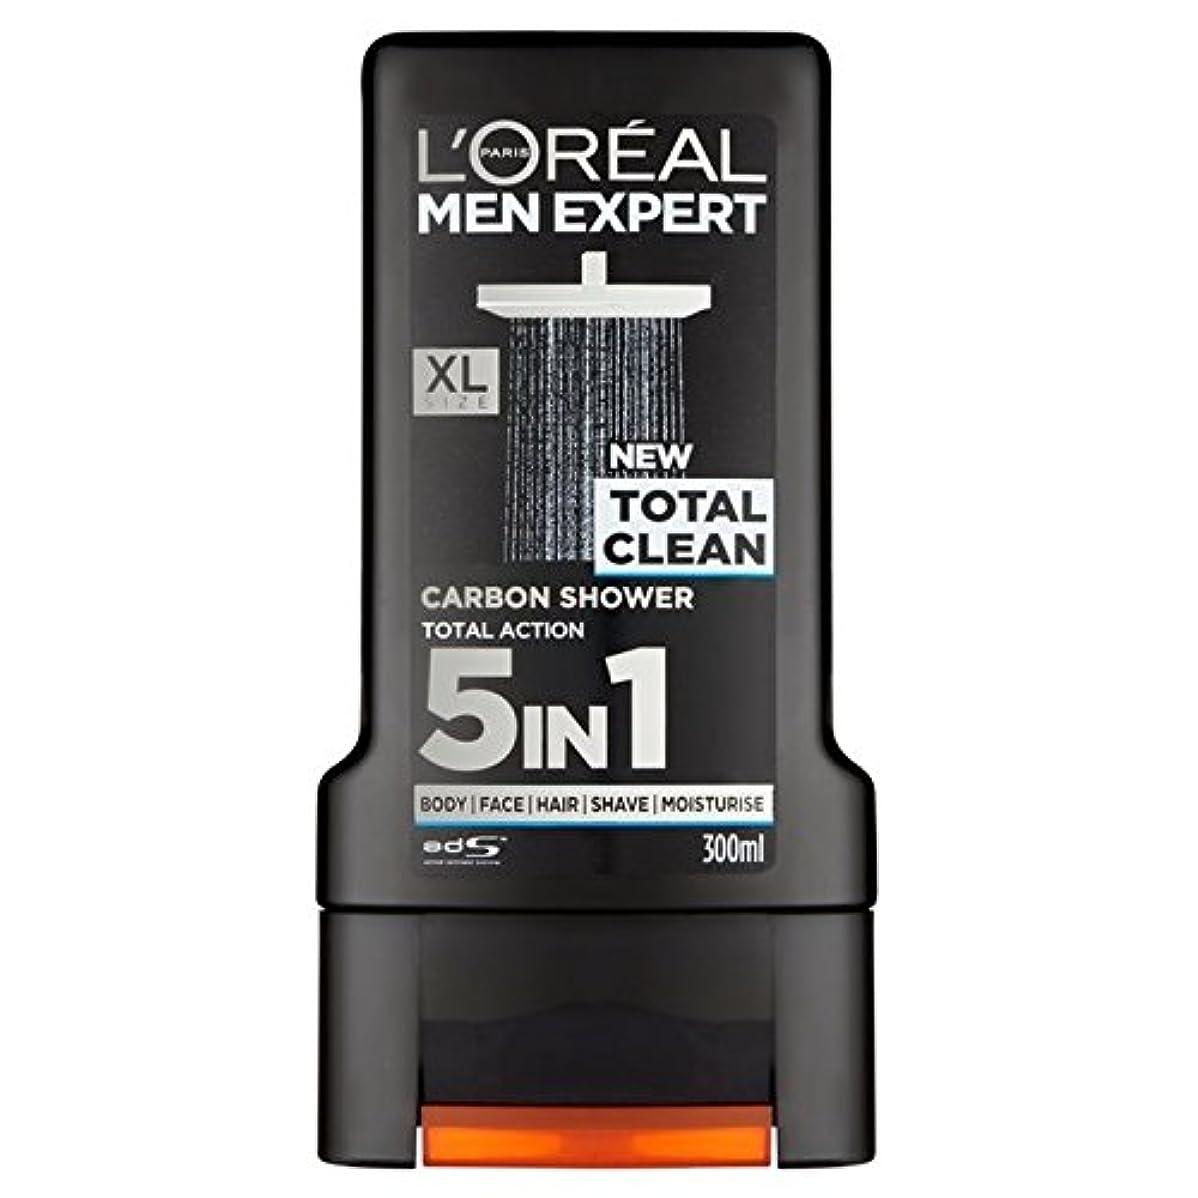 毒問い合わせラリーロレアルパリのメンズ専門トータルクリーンシャワージェル300ミリリットル x4 - L'Oreal Paris Men Expert Total Clean Shower Gel 300ml (Pack of 4) [並行輸入品]